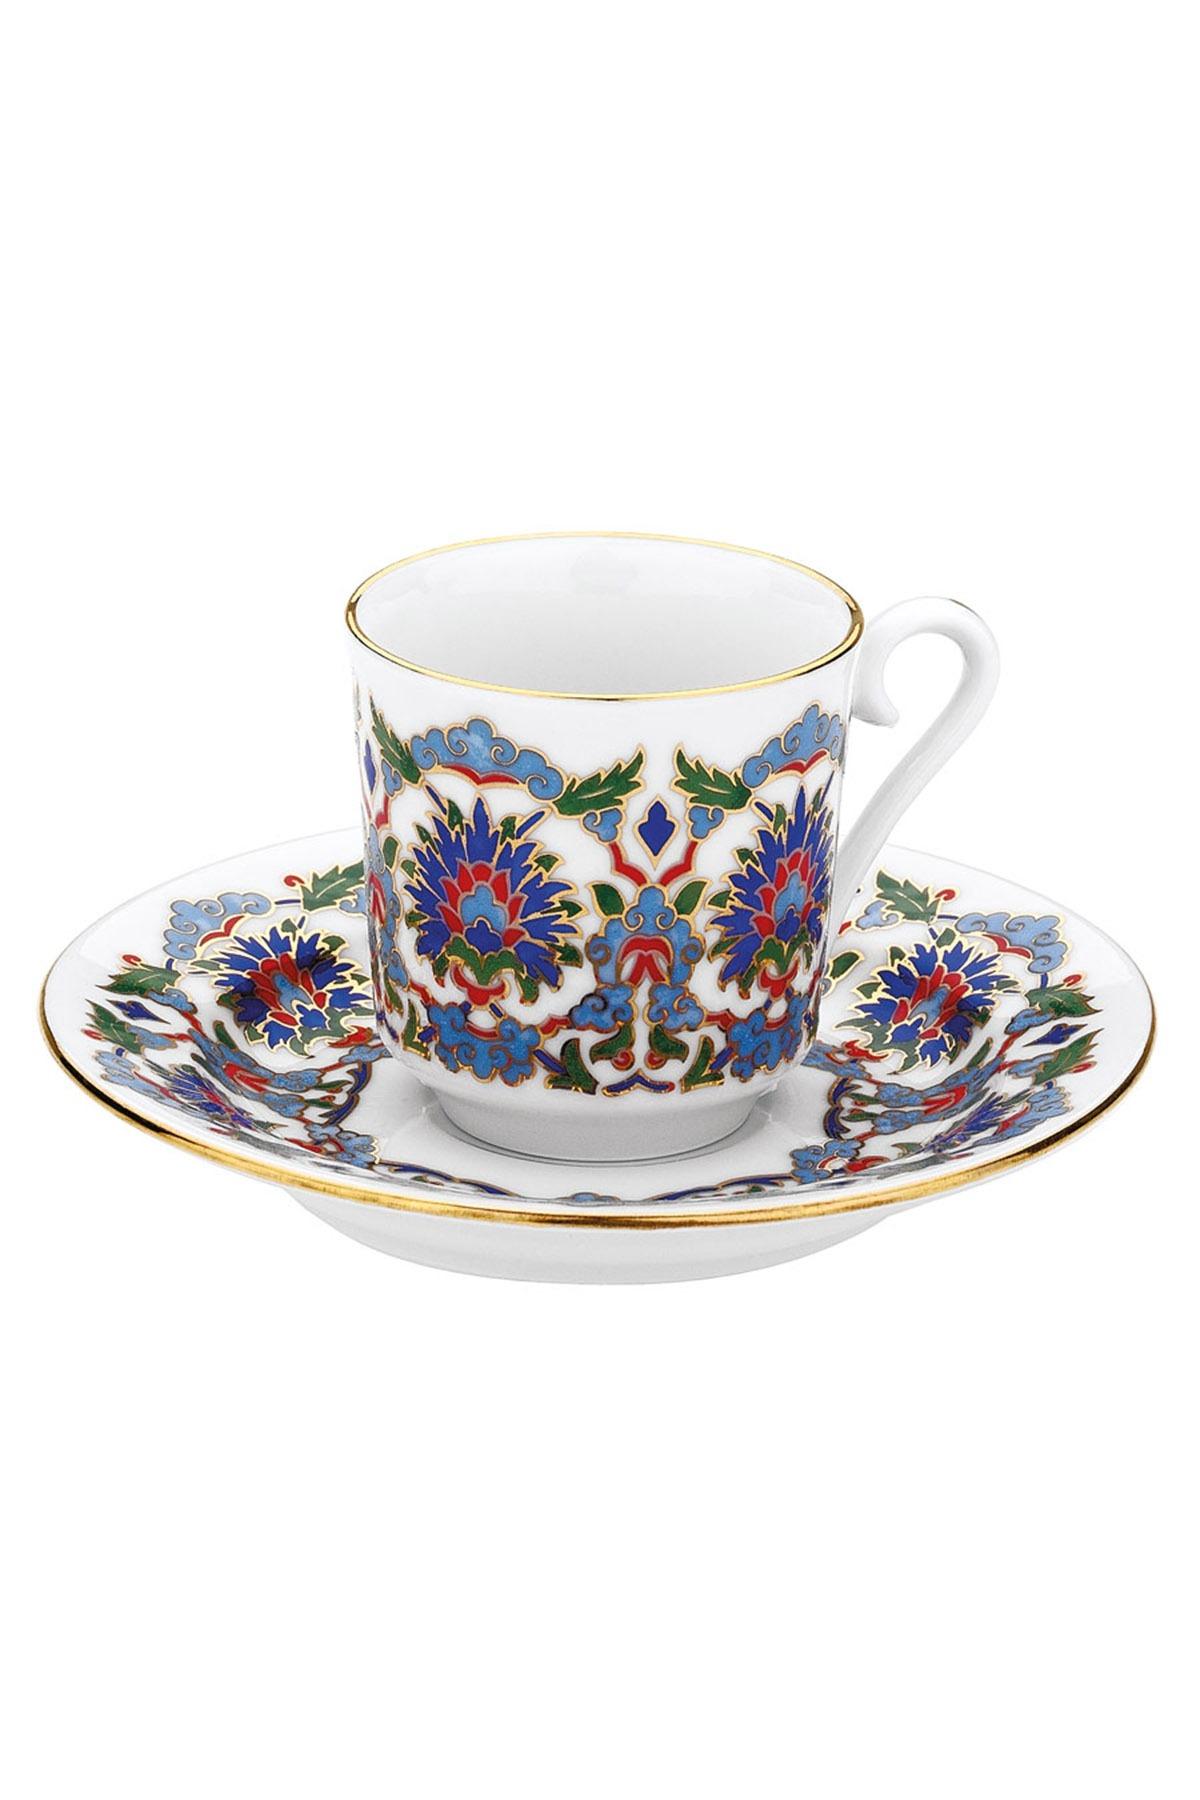 KÜTAHYA PORSELEN - Kütahya Porselen 3644 Desen Kahve Fincan Takımı